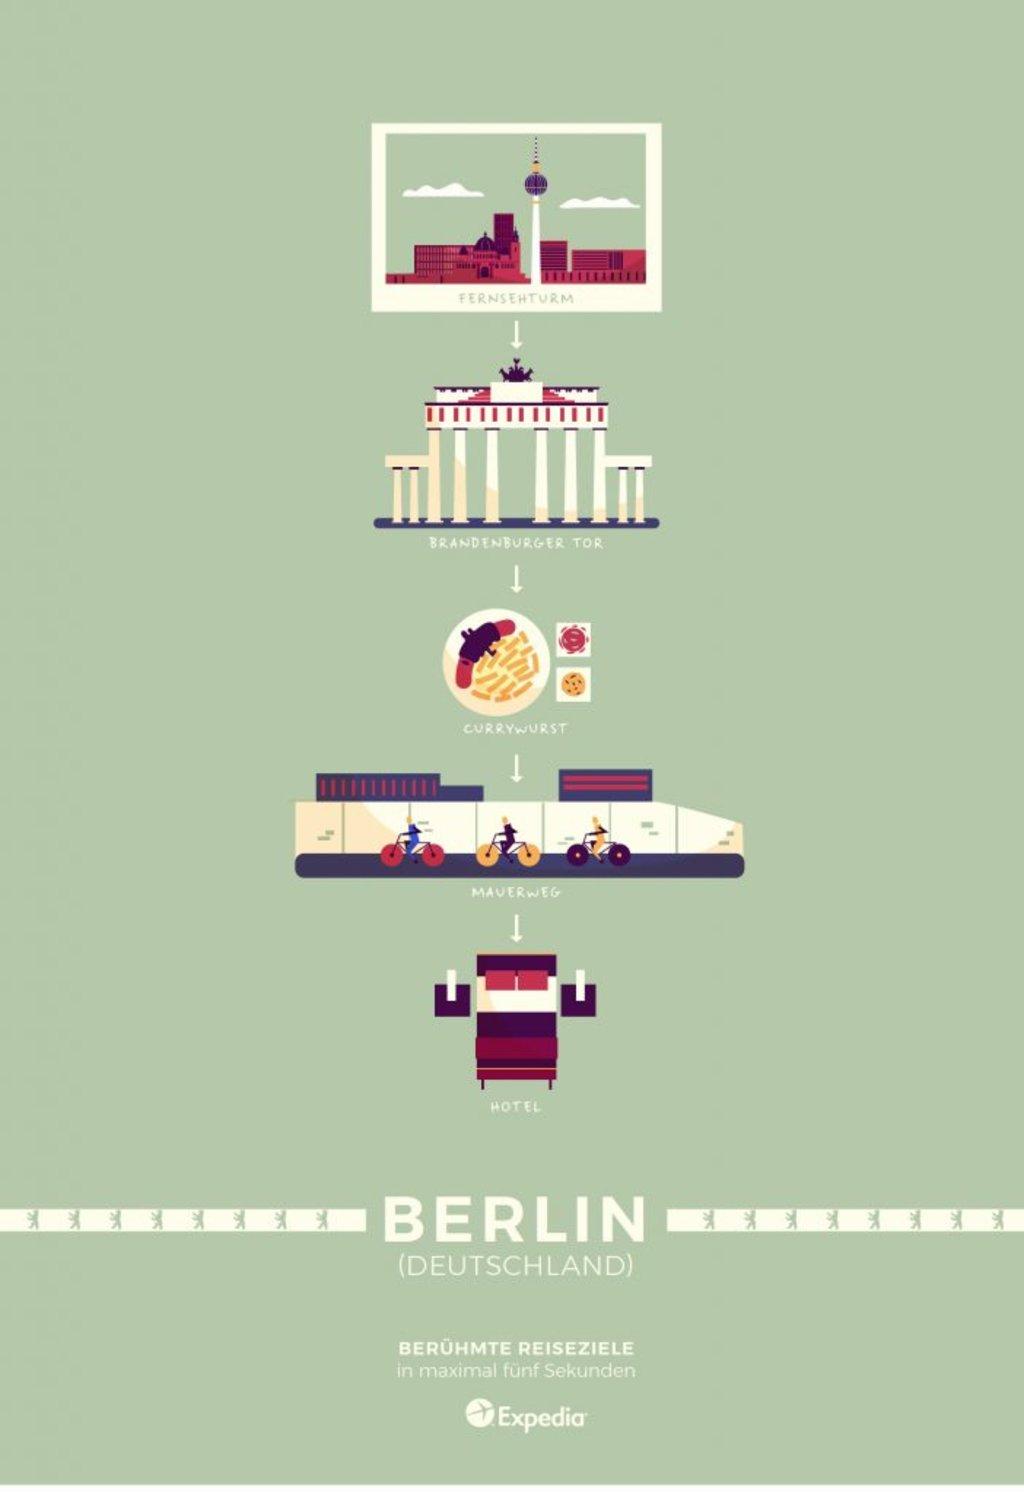 Reiseziele in 5 Sekunden: Berlin